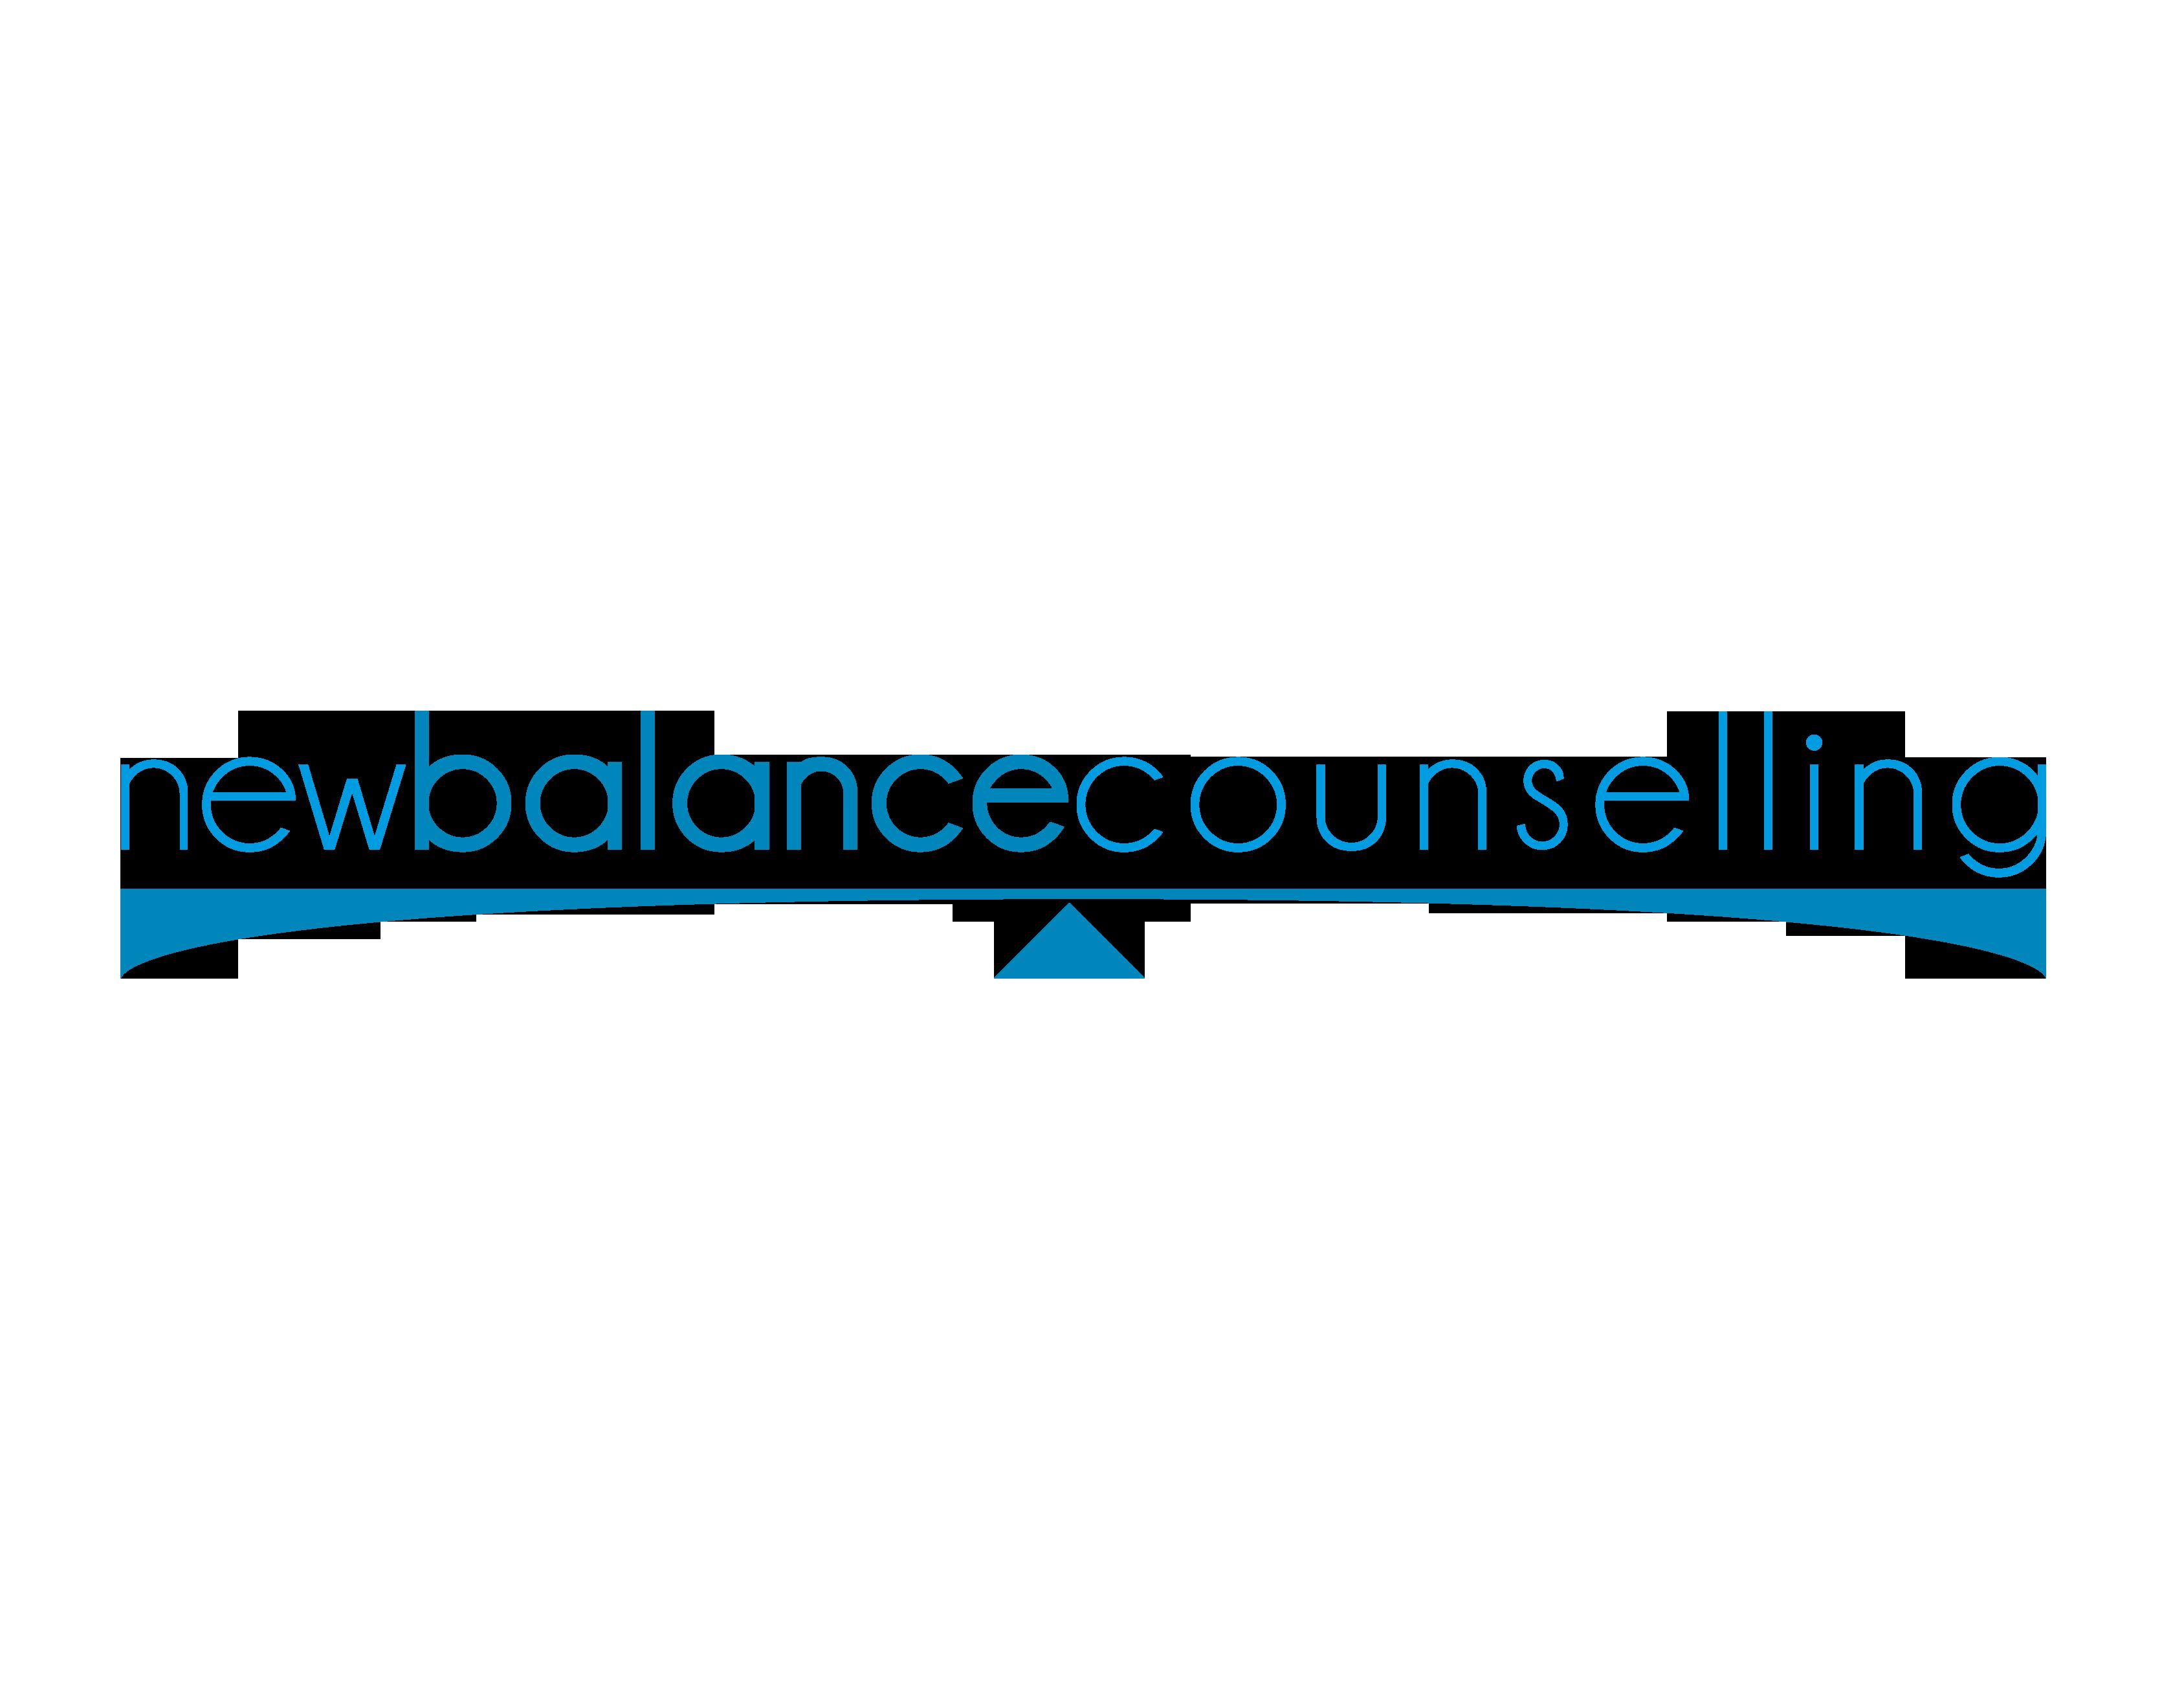 New Balance Counselling